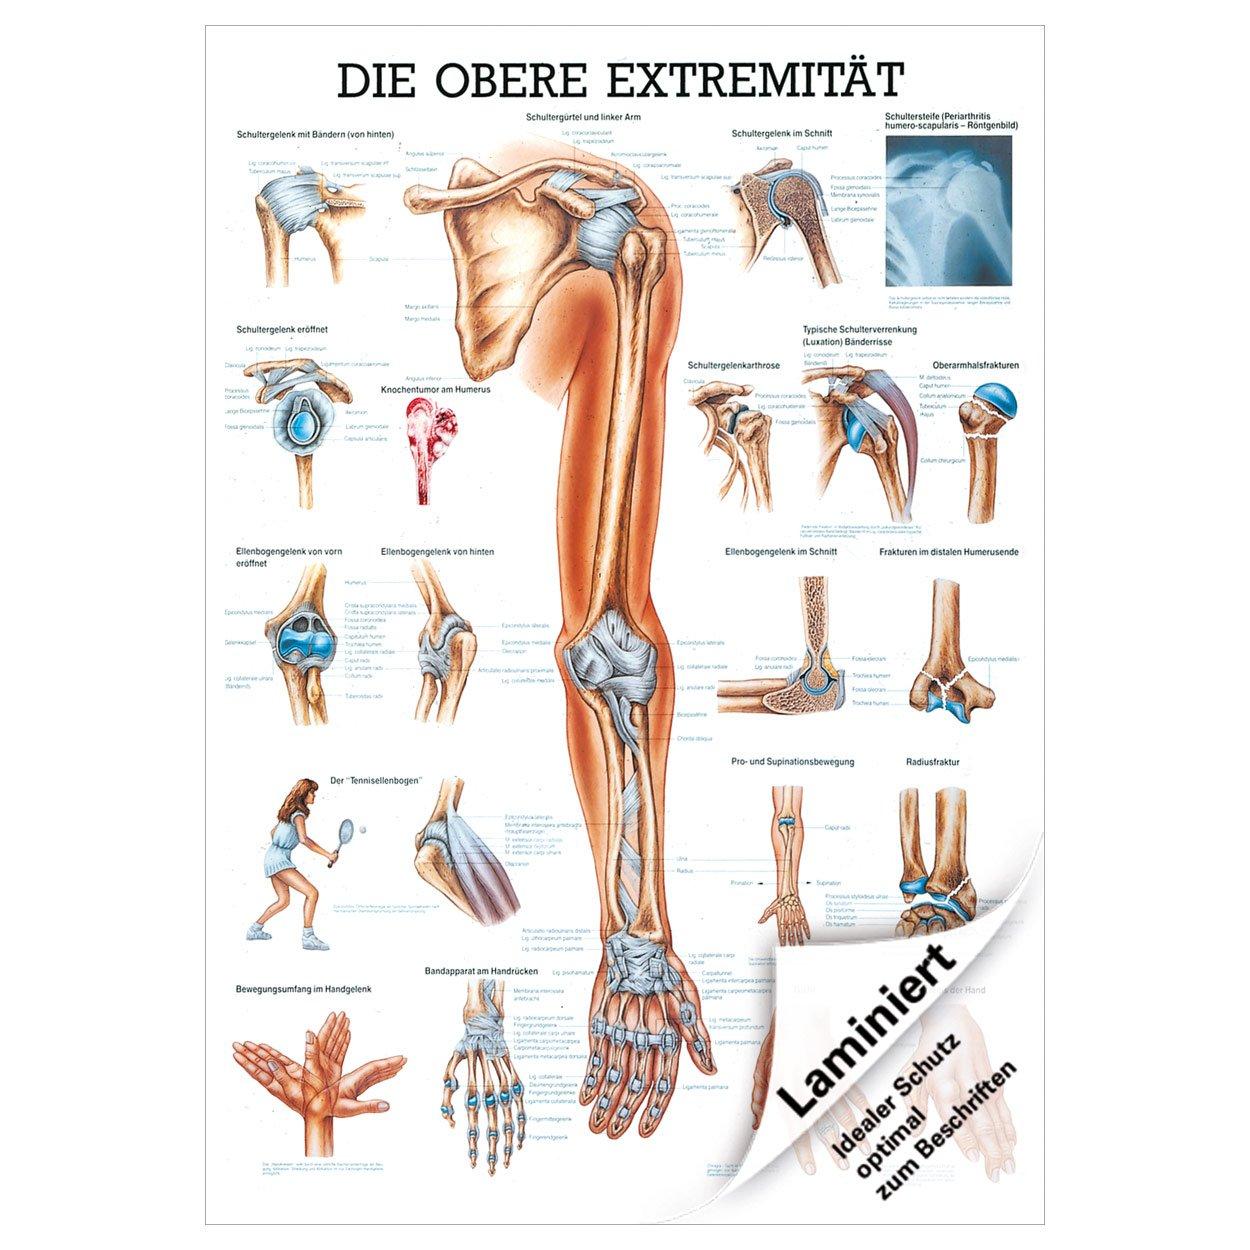 Atemberaubend Obere Gastrointestinaltrakt Anatomie Ideen - Anatomie ...